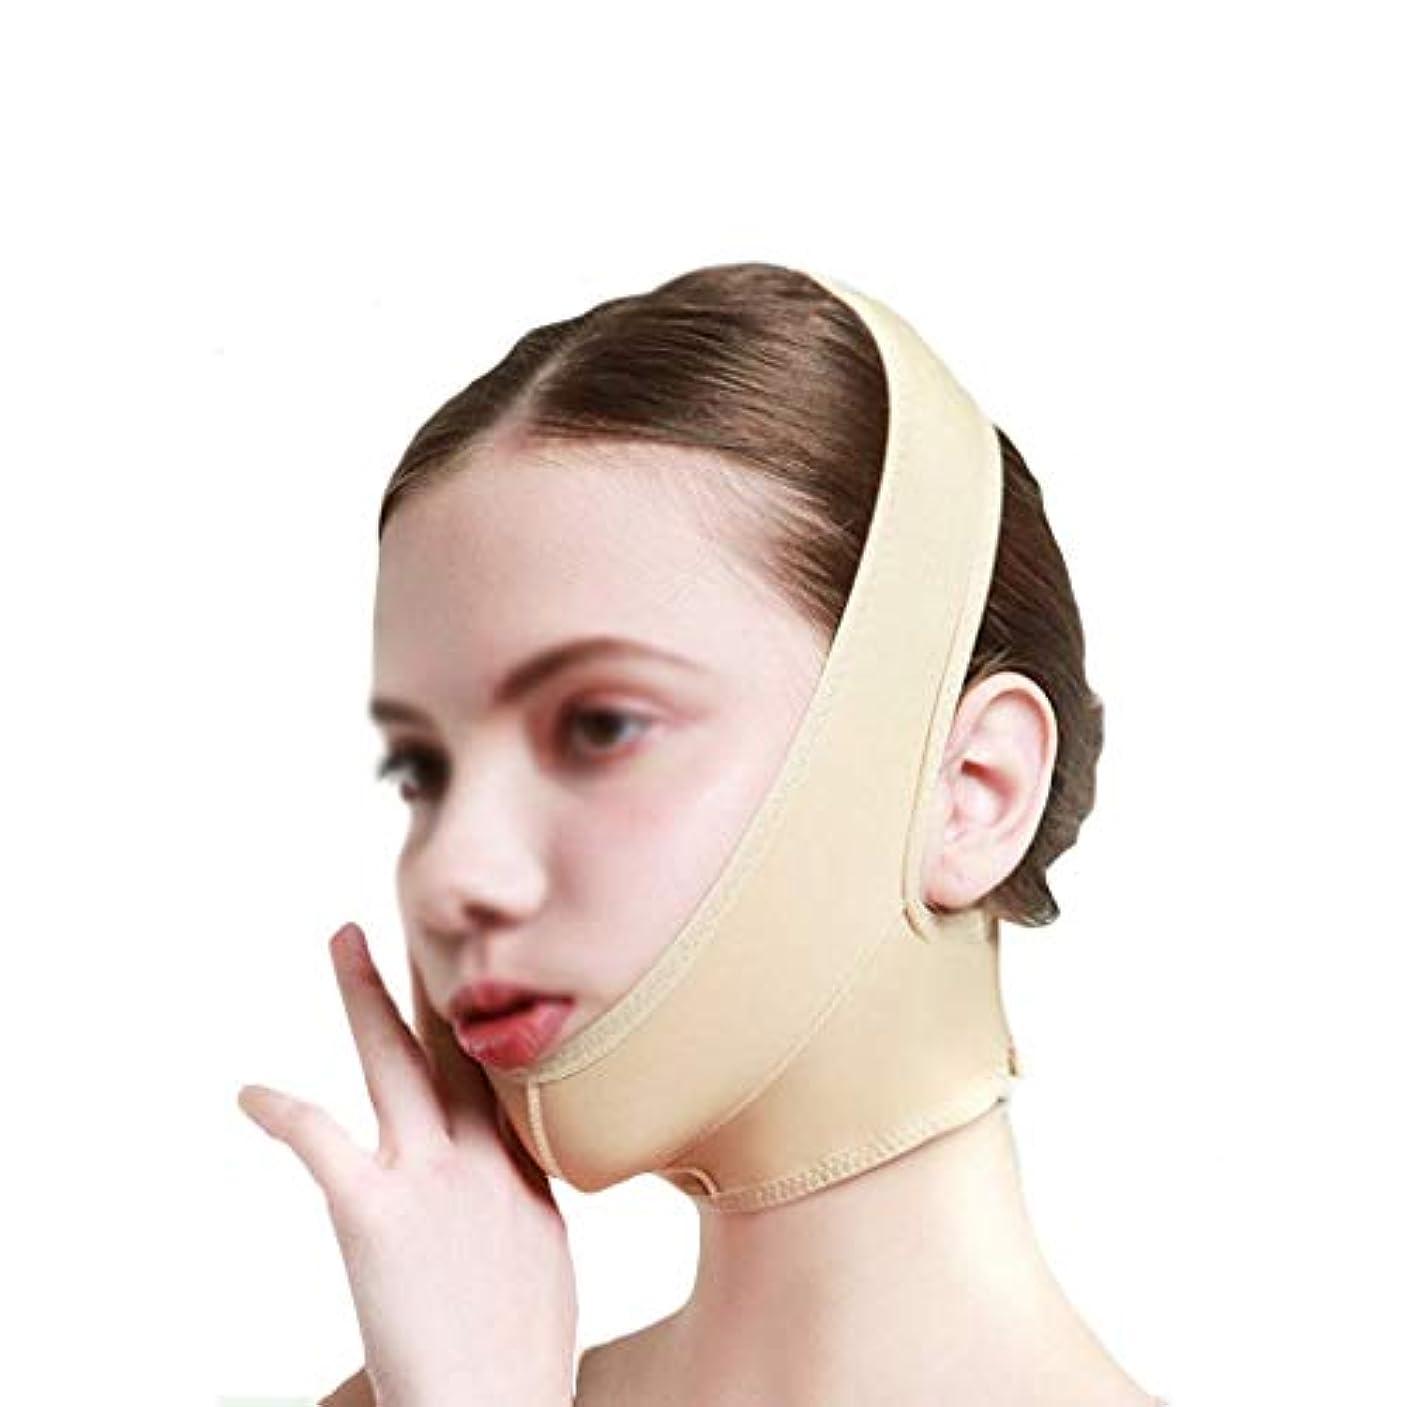 在庫引き出す事業ダブルチンリデューサー、フェイススリミングマスク、フェイスリフティング、ストレッチマスク、ダブルチン、浮腫緩和、ケアツール、通気性(サイズ:XL),M